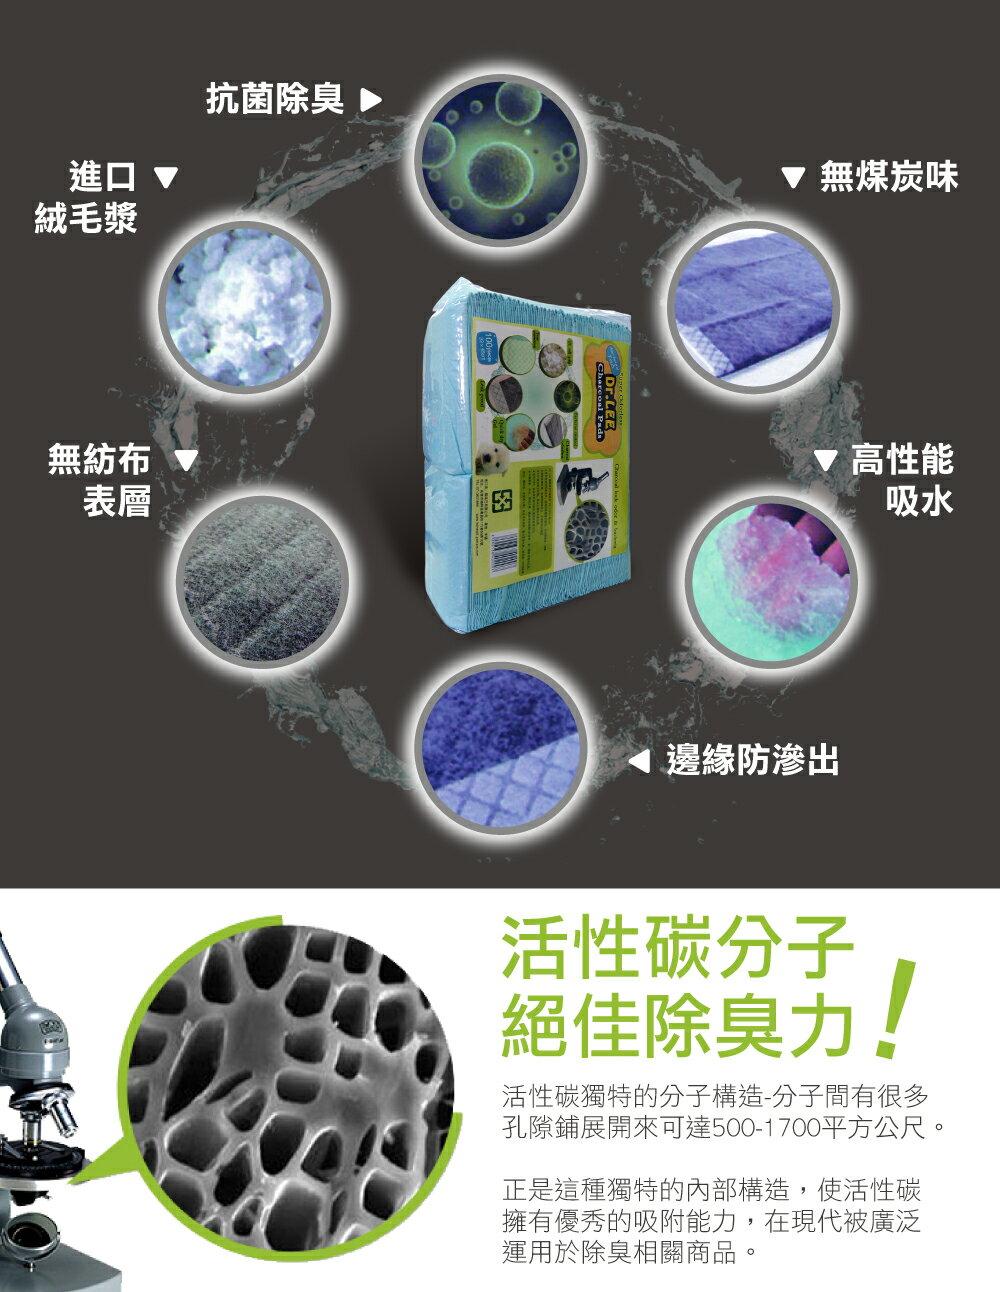 Dr. Lee 專業用活性碳尿布  寵物尿布墊  100入(30*45cm) 單筆超取限3包 (H003A11)  好窩生活節 3